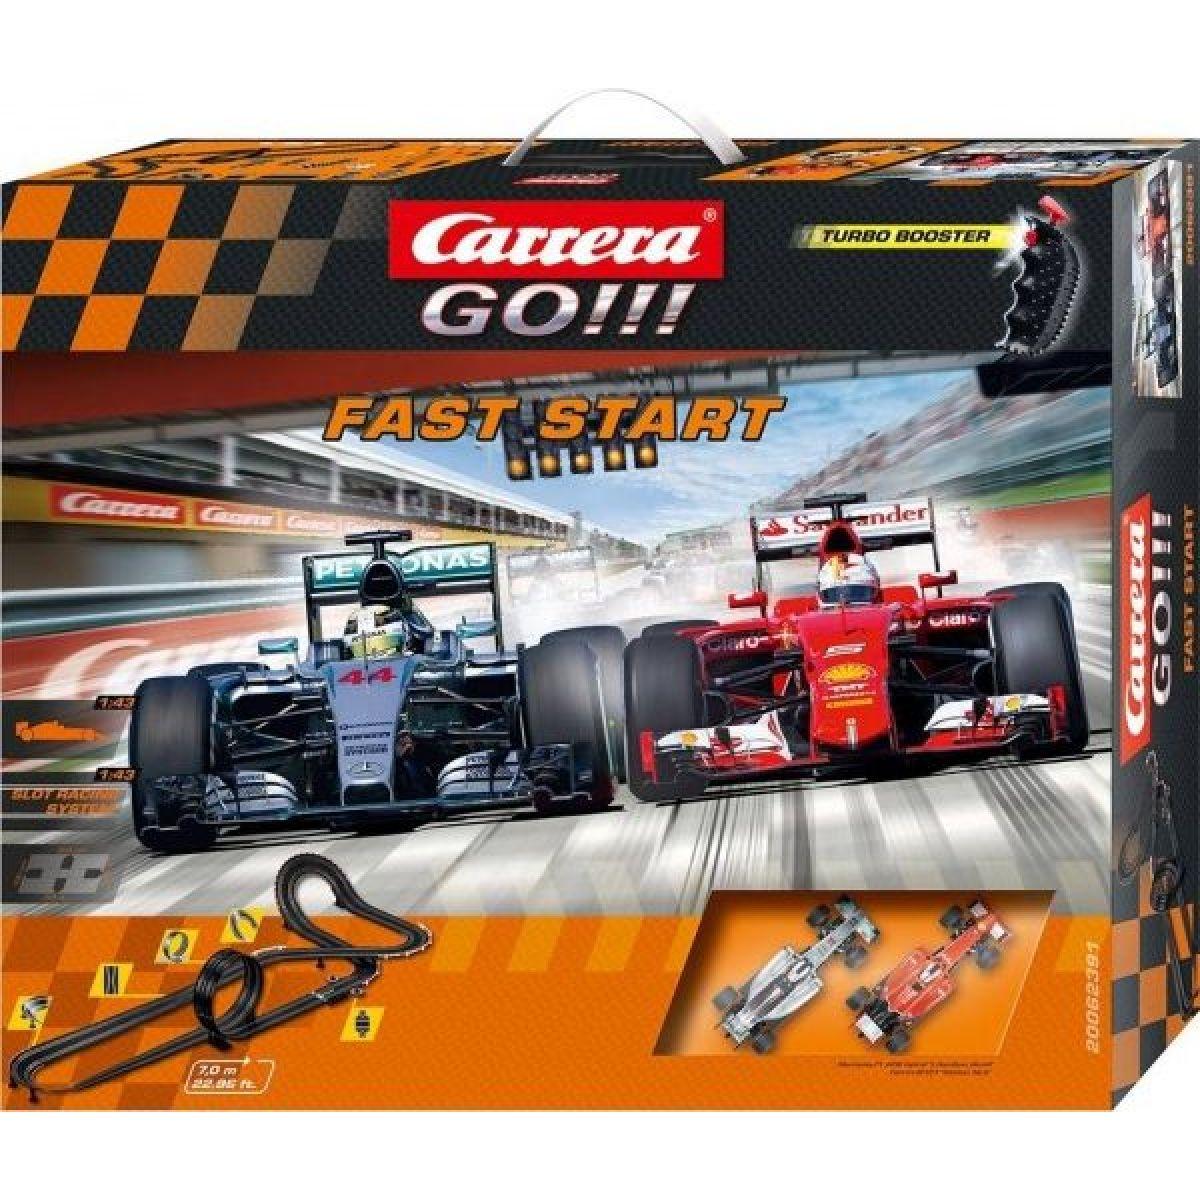 Carrera Go Fast start 62391